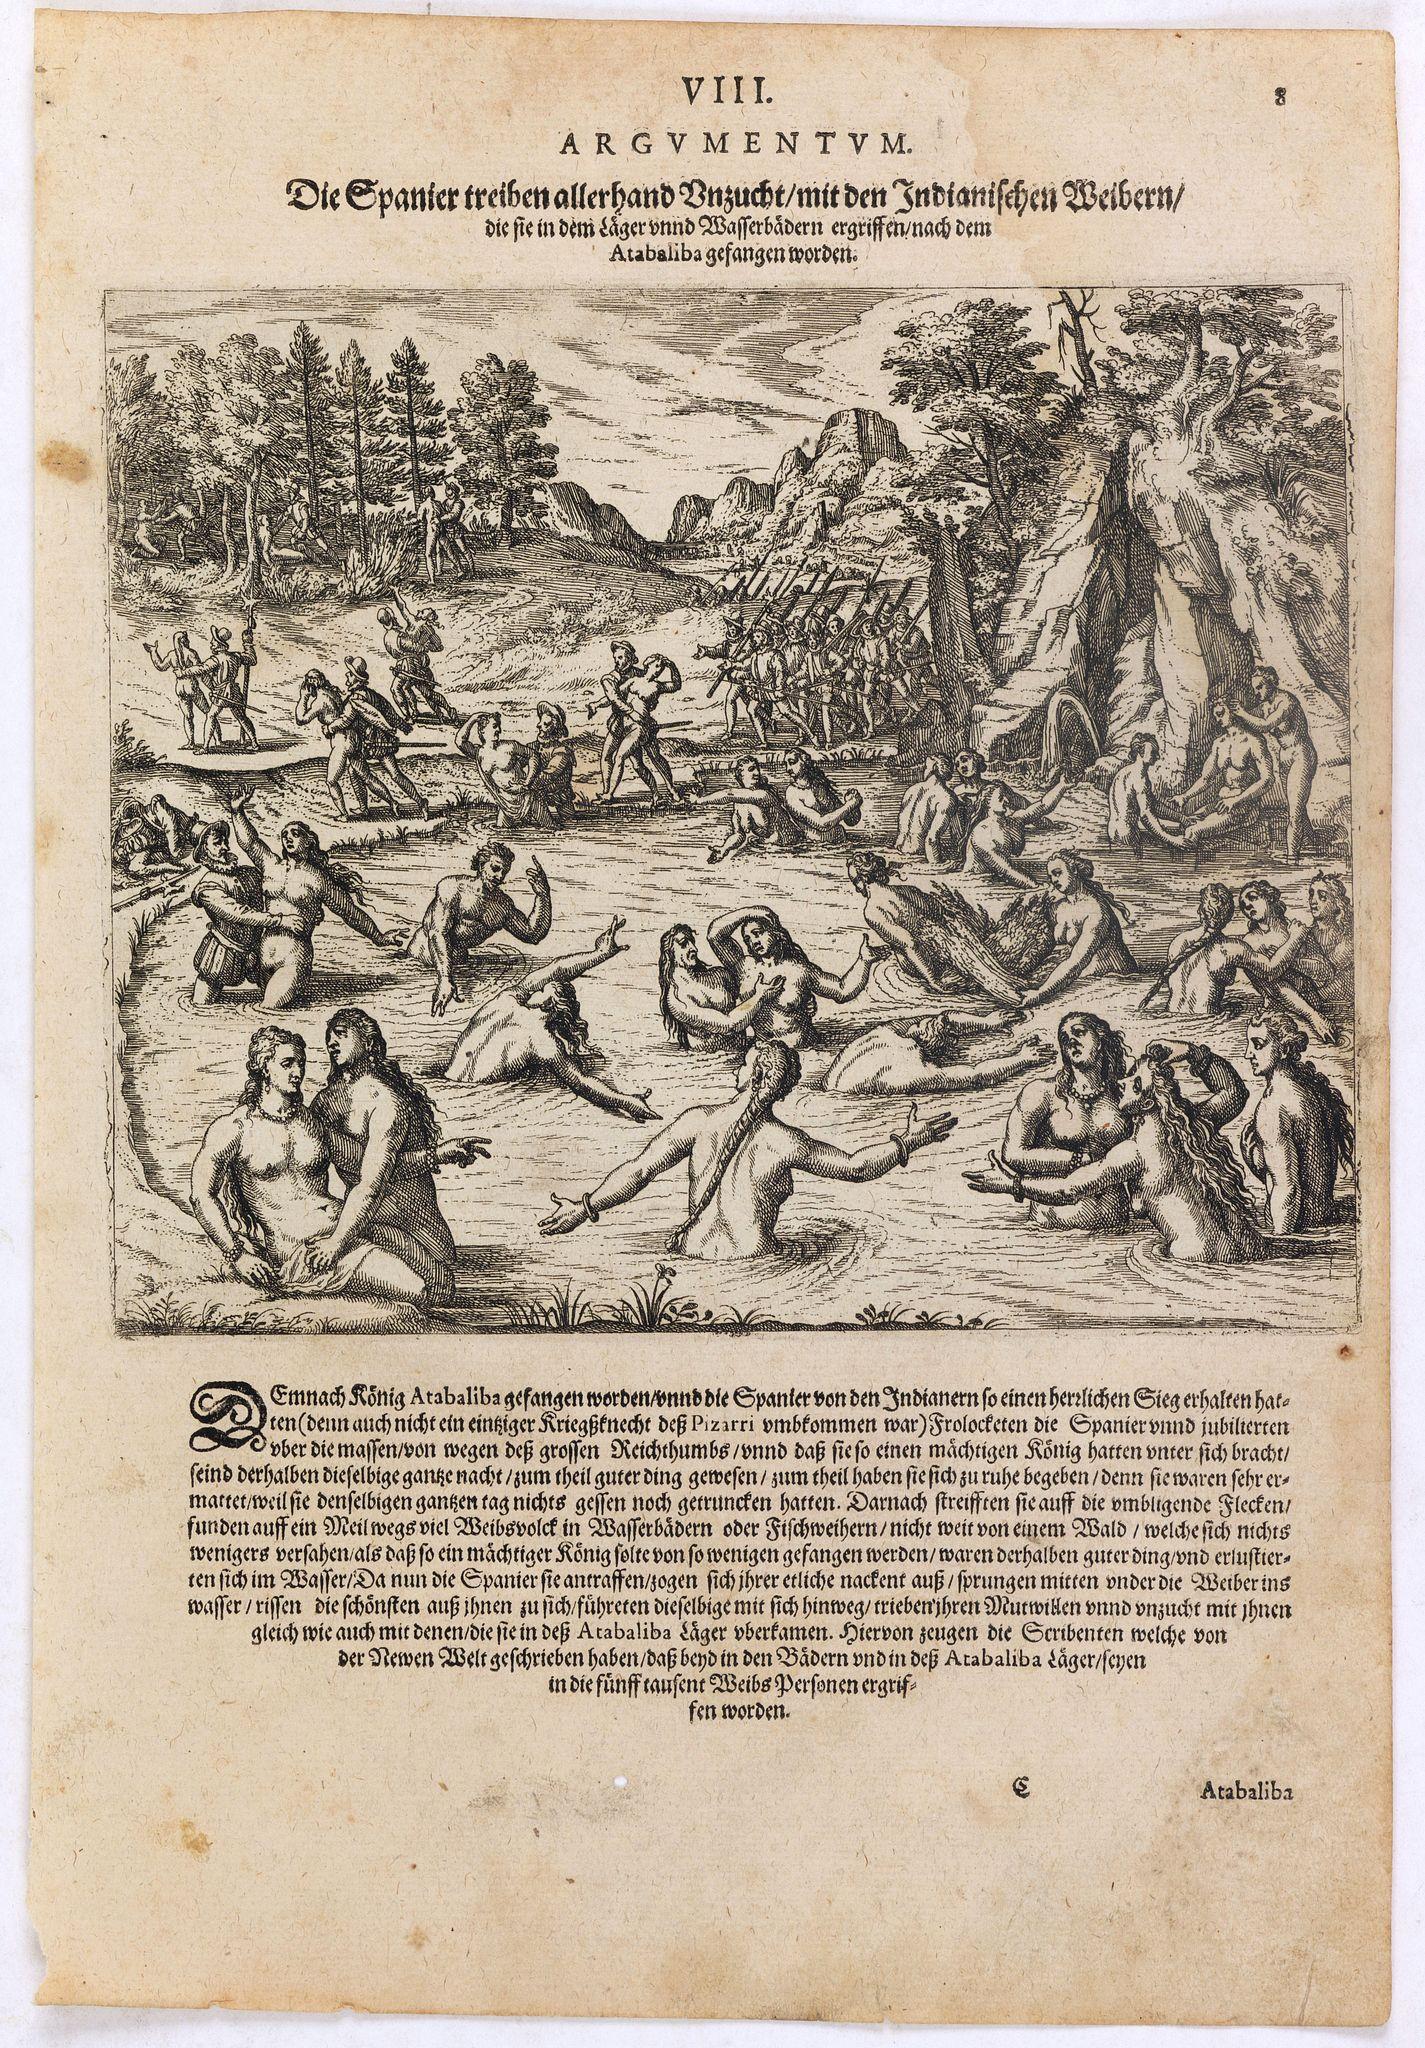 DE BRY, Th. -  Die Spanier treiben allerhand Unzucht mit den Indianischen Weibern die sie in dem läger unnd Wasserbädern ergriffen nach dem Atabaliba gefangen worden.